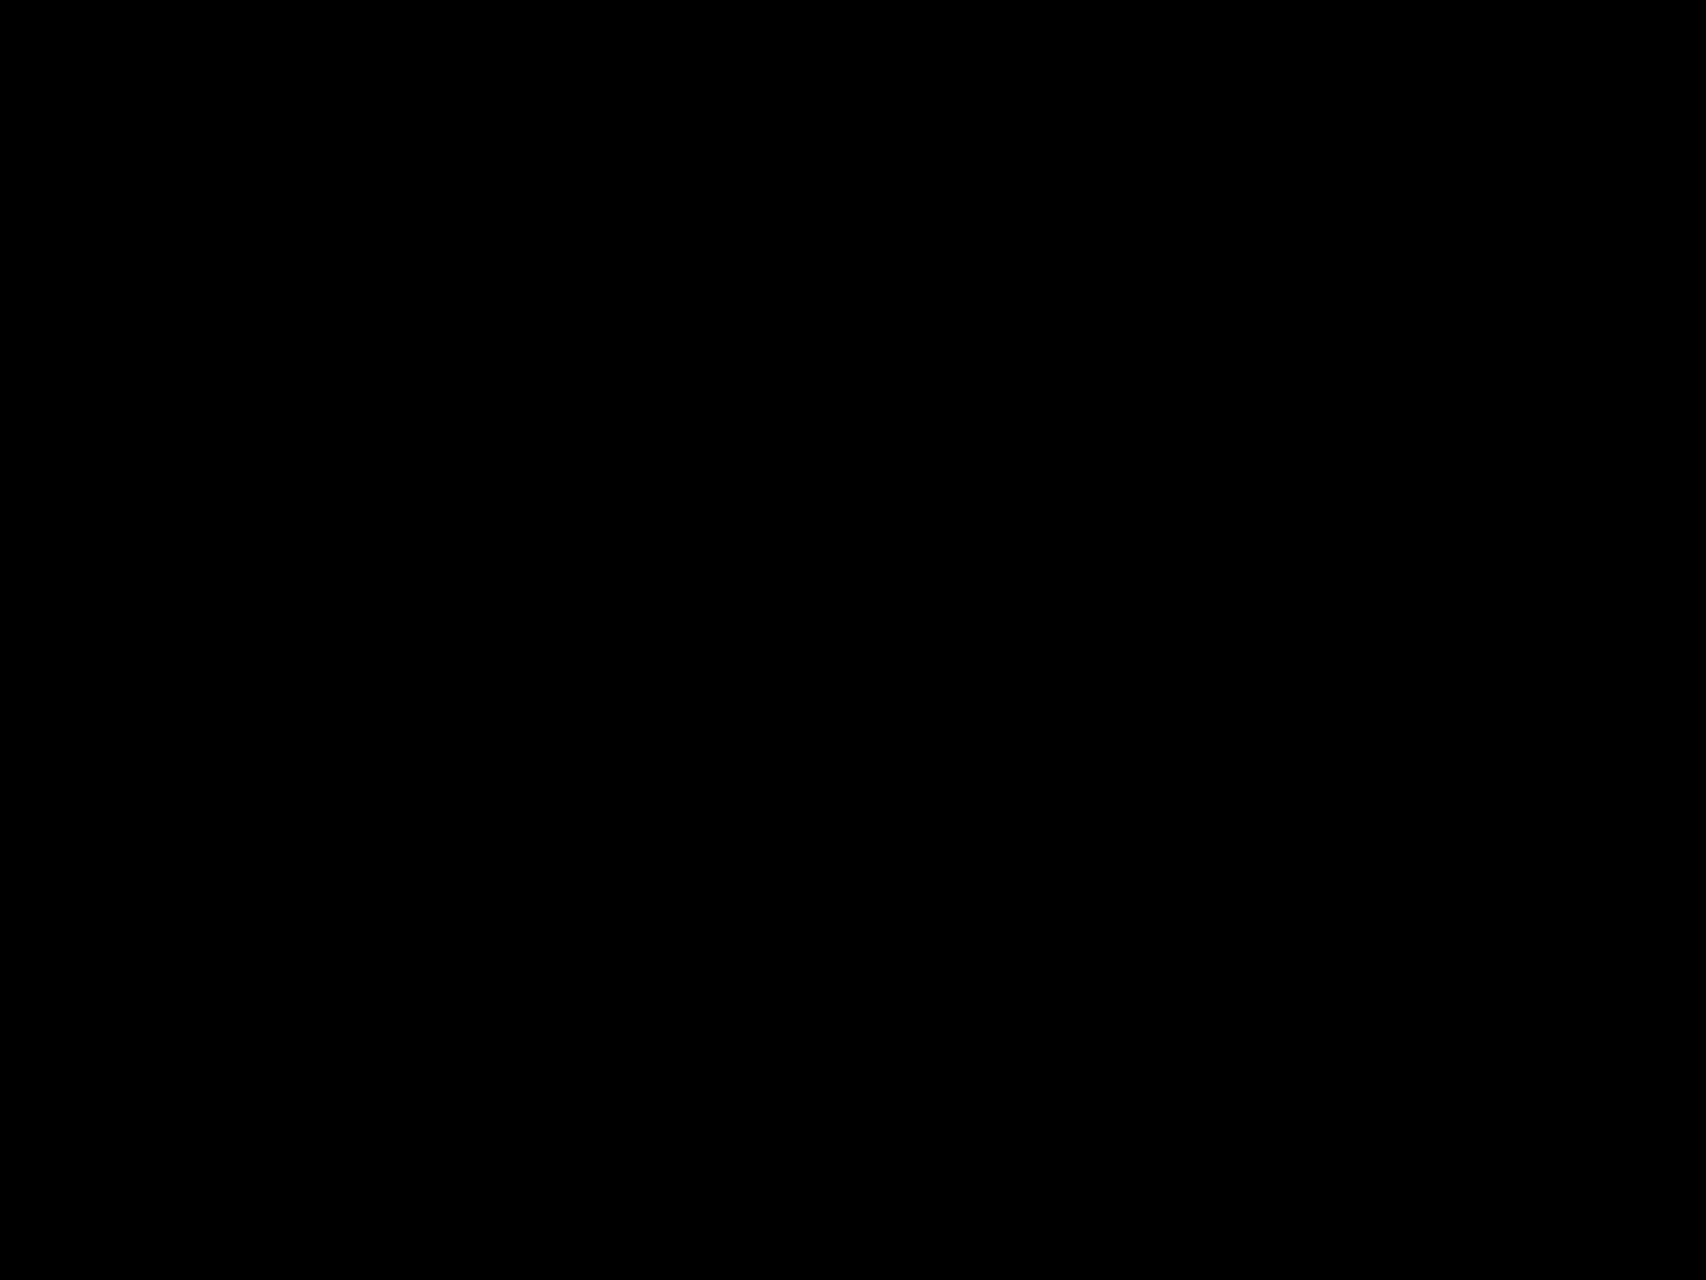 11724_05.jpg